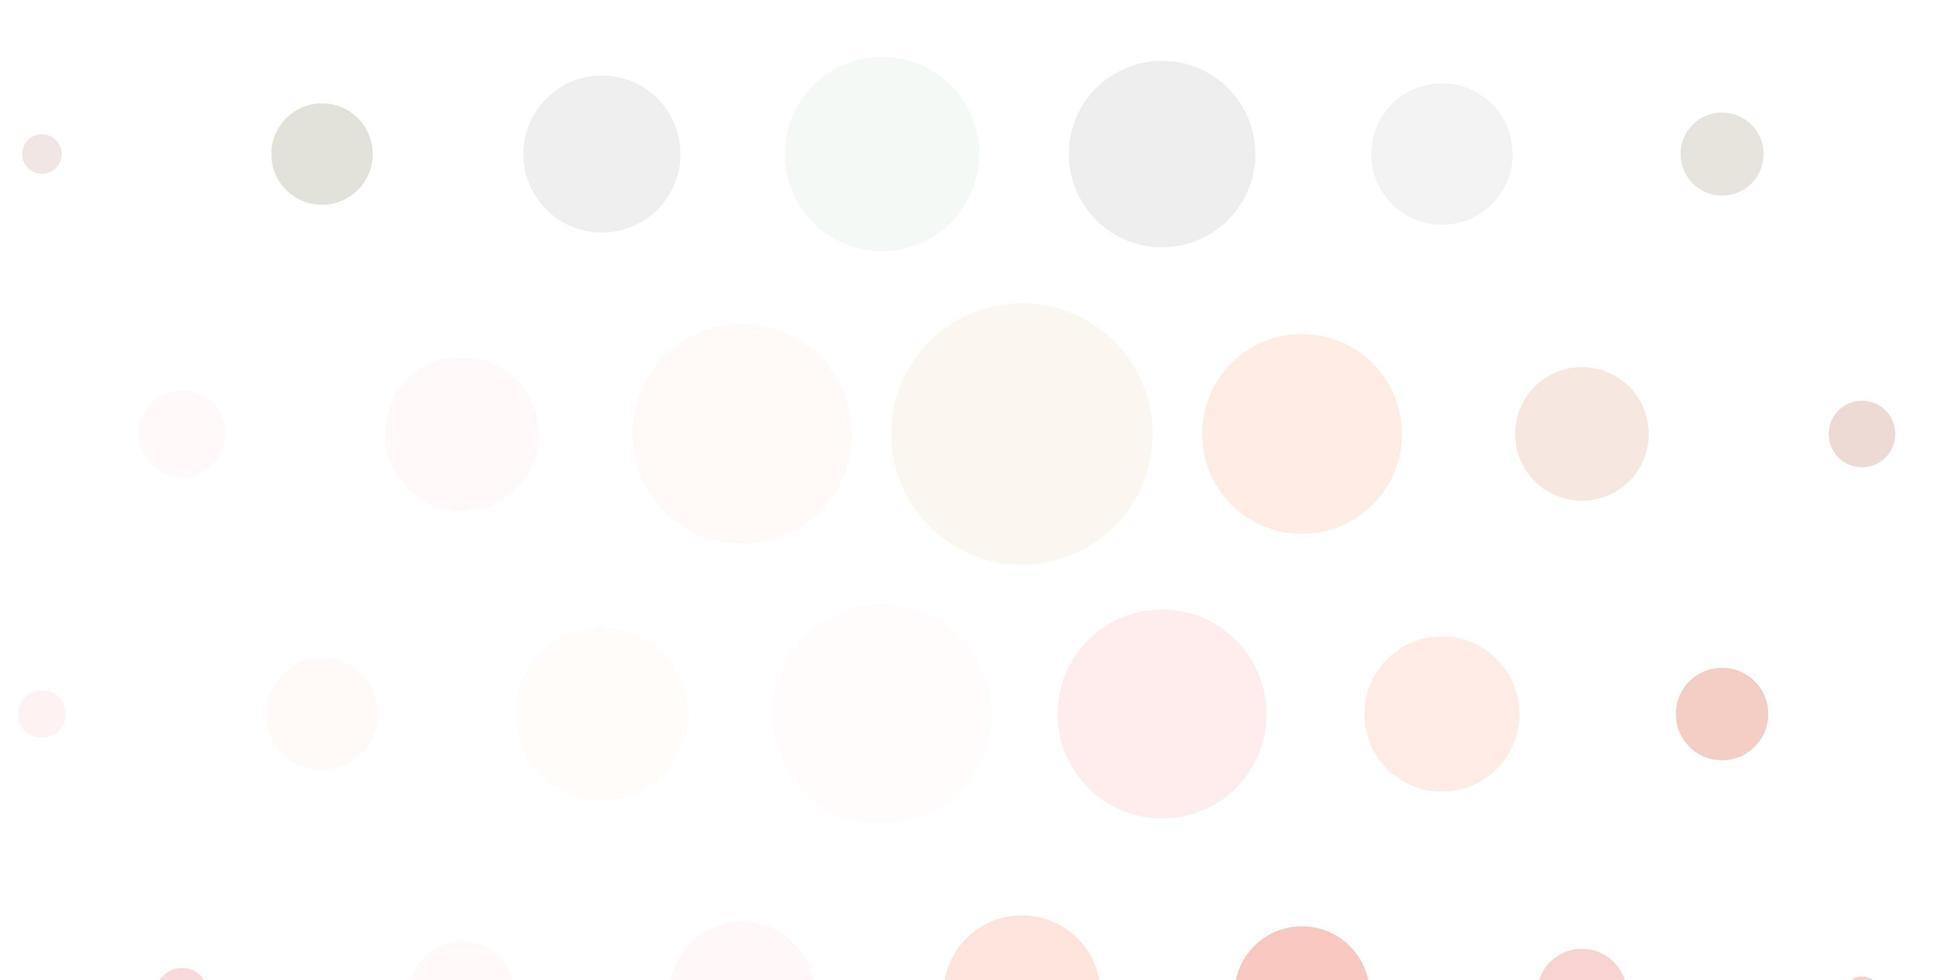 ljusrosa och grön bakgrund med prickar. vektor